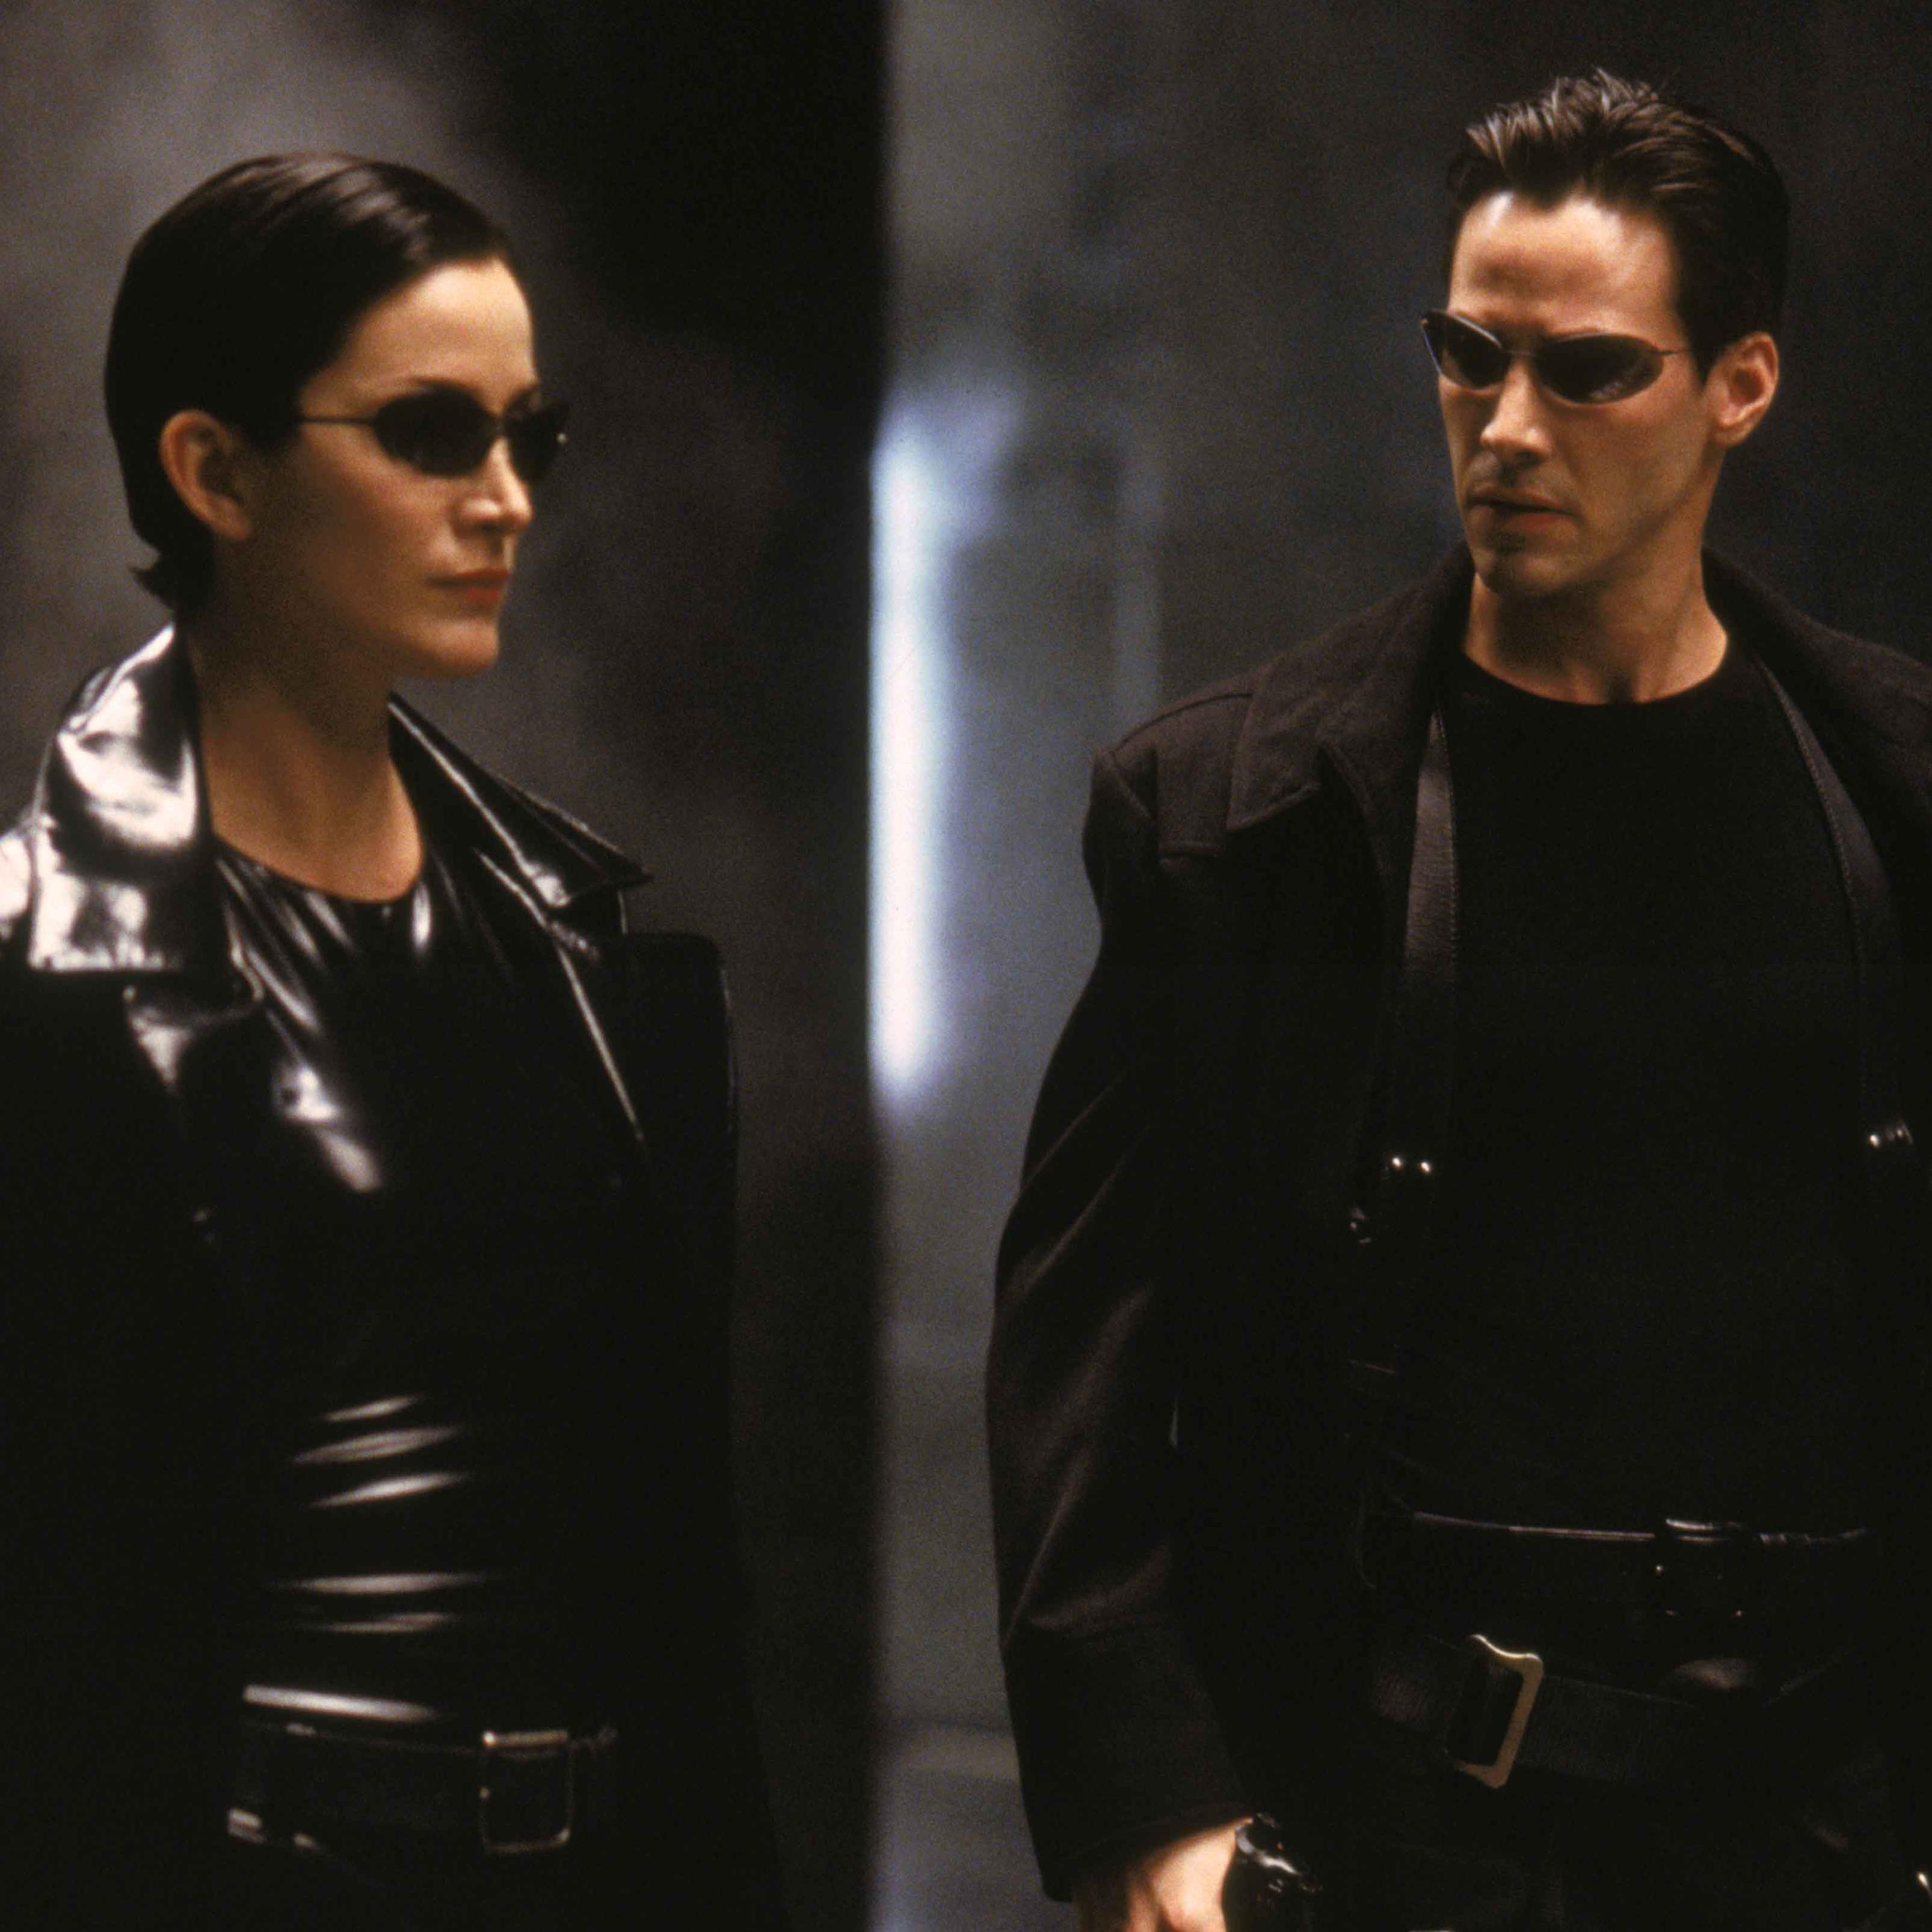 再見尼歐!《駭客任務》上映 20 週年經典 4K 修復重返大銀幕